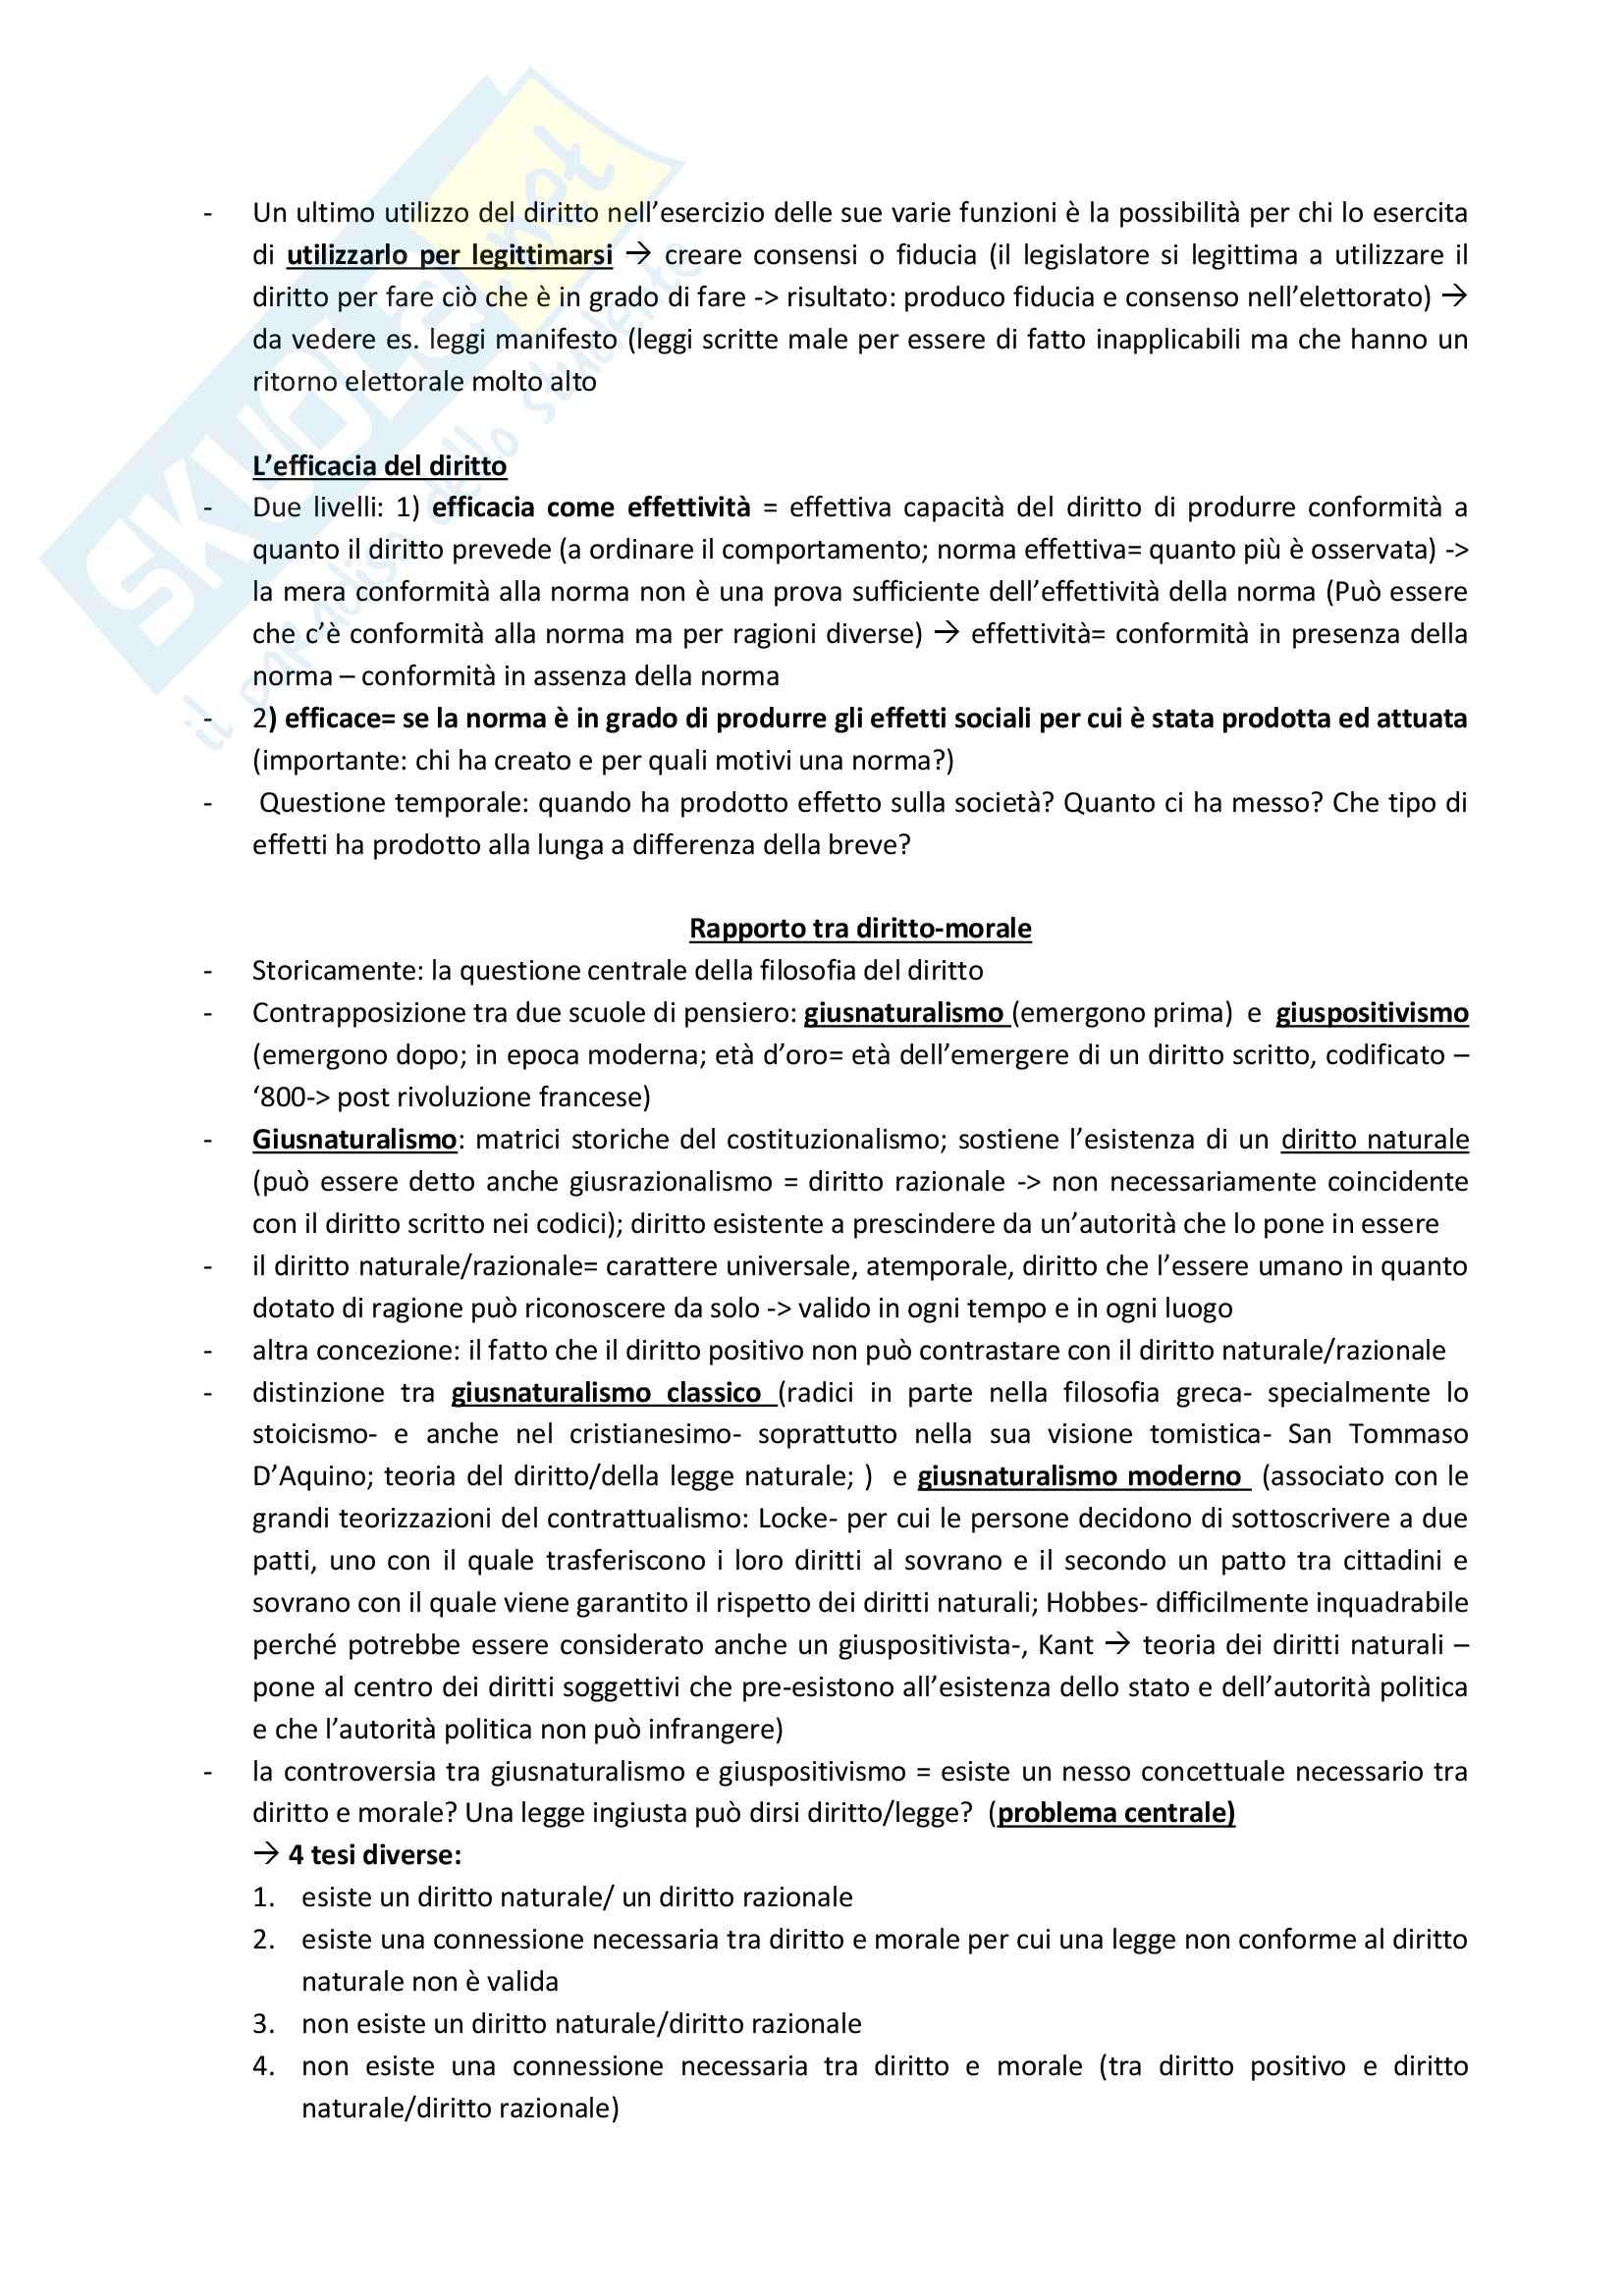 Appunti lezione - Filosofia e politica del diritto Pag. 11